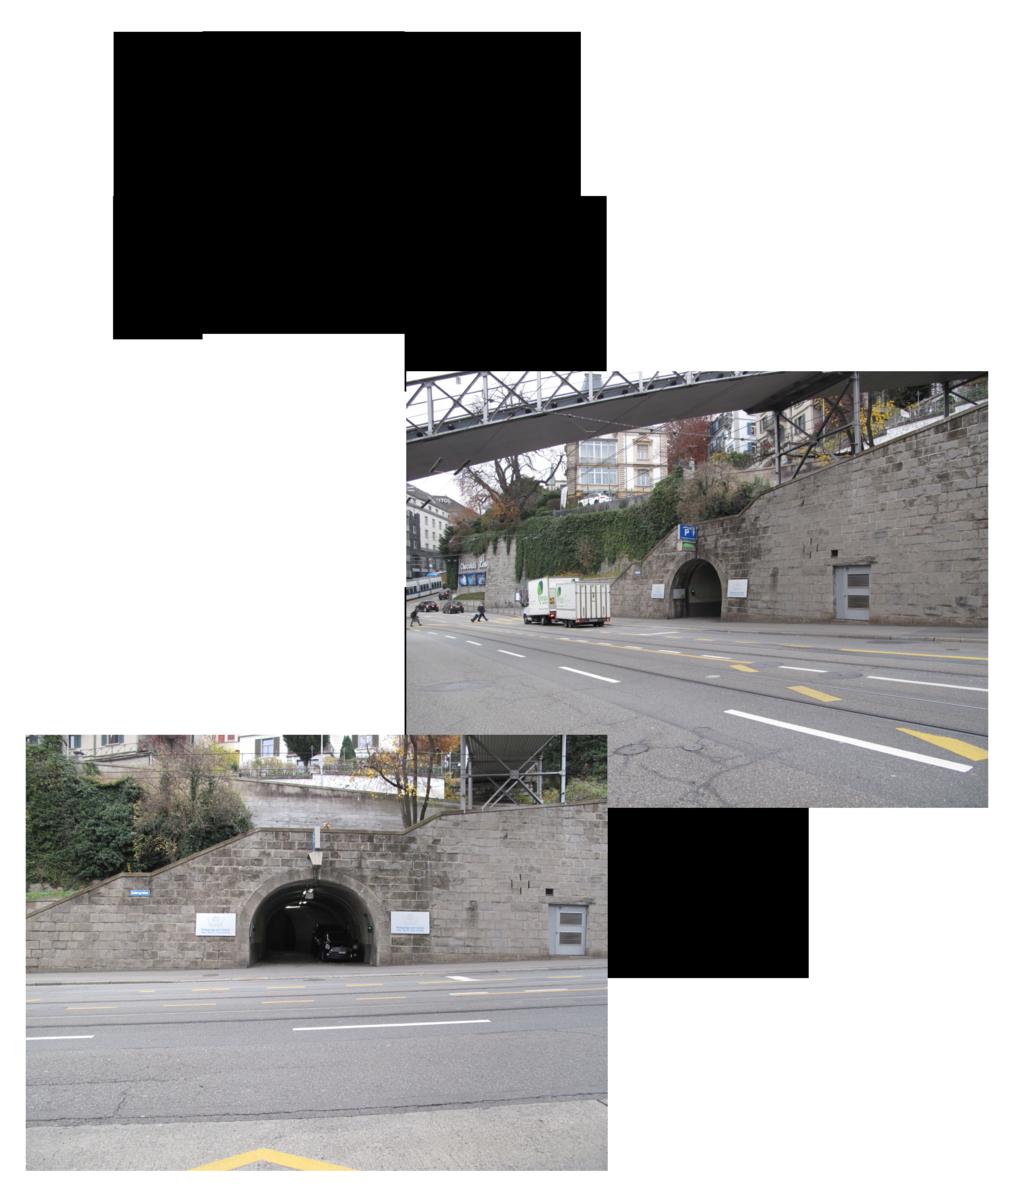 Parkmöglichkeit Parkgarage am Central Moto Taiana